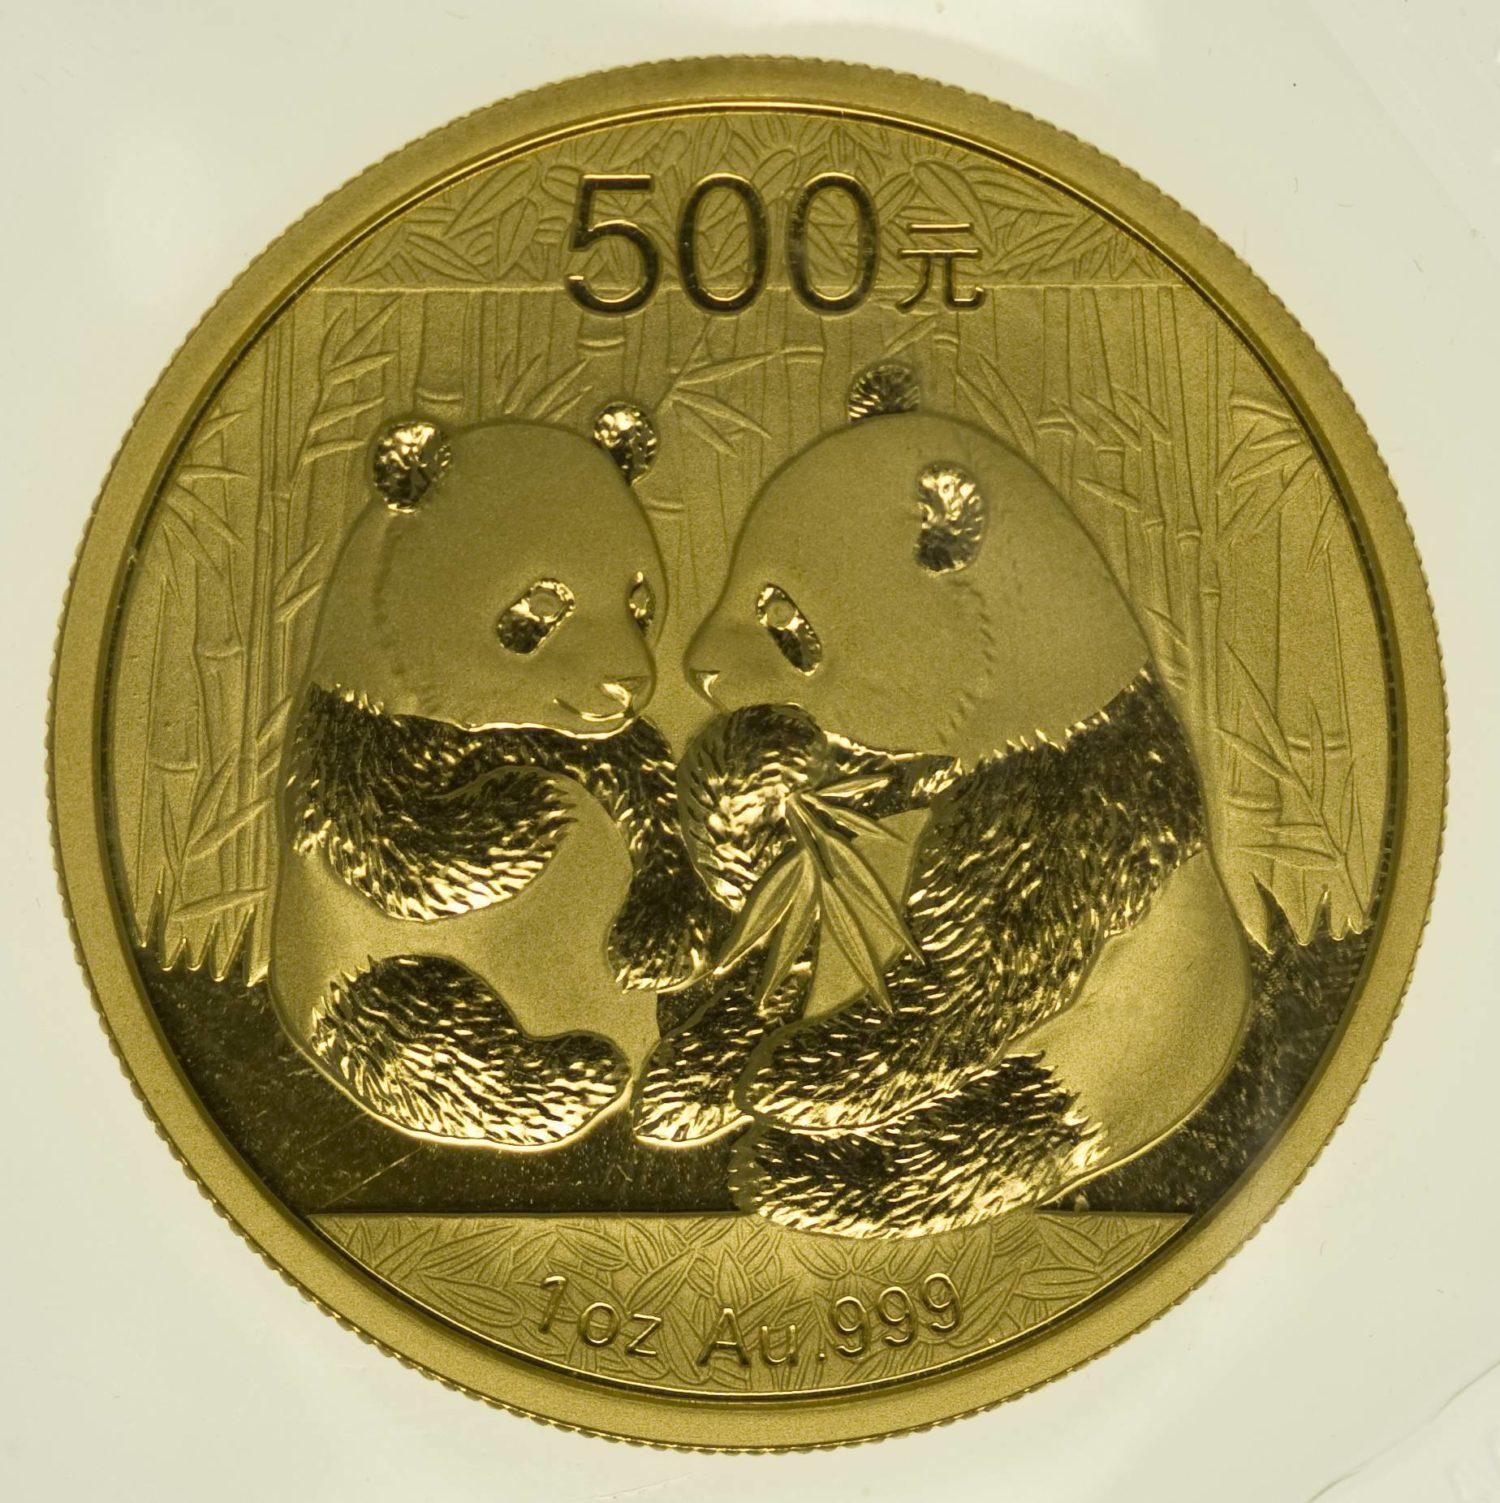 1 Unze Goldmünze China Panda 2009 500 Yuan 31,1 Gramm Gold RAR